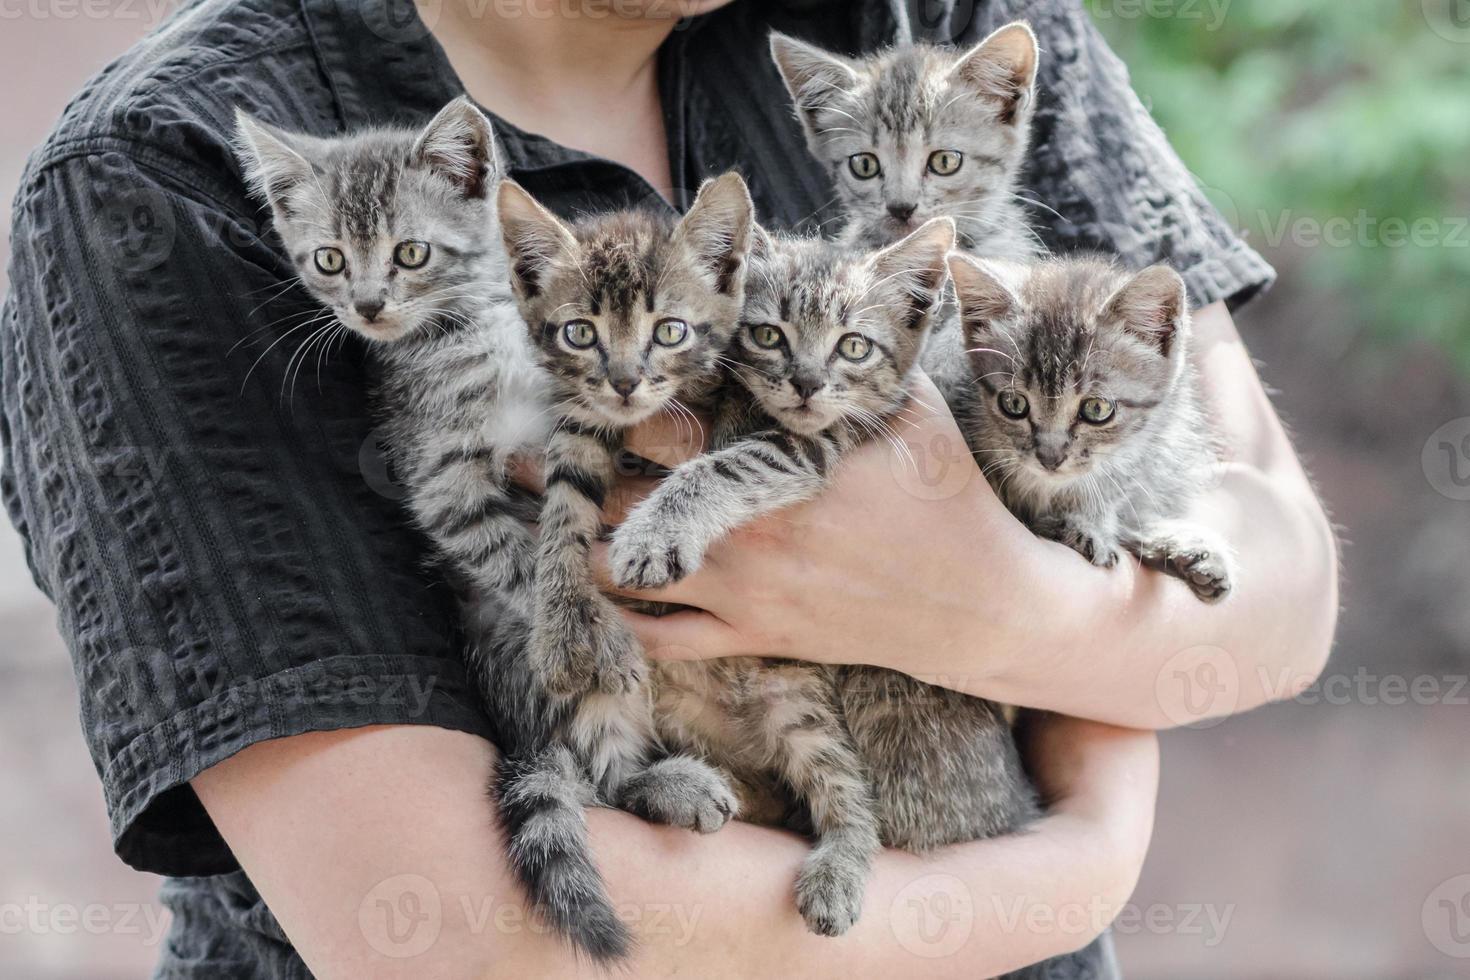 persona sosteniendo gatitos atigrados foto